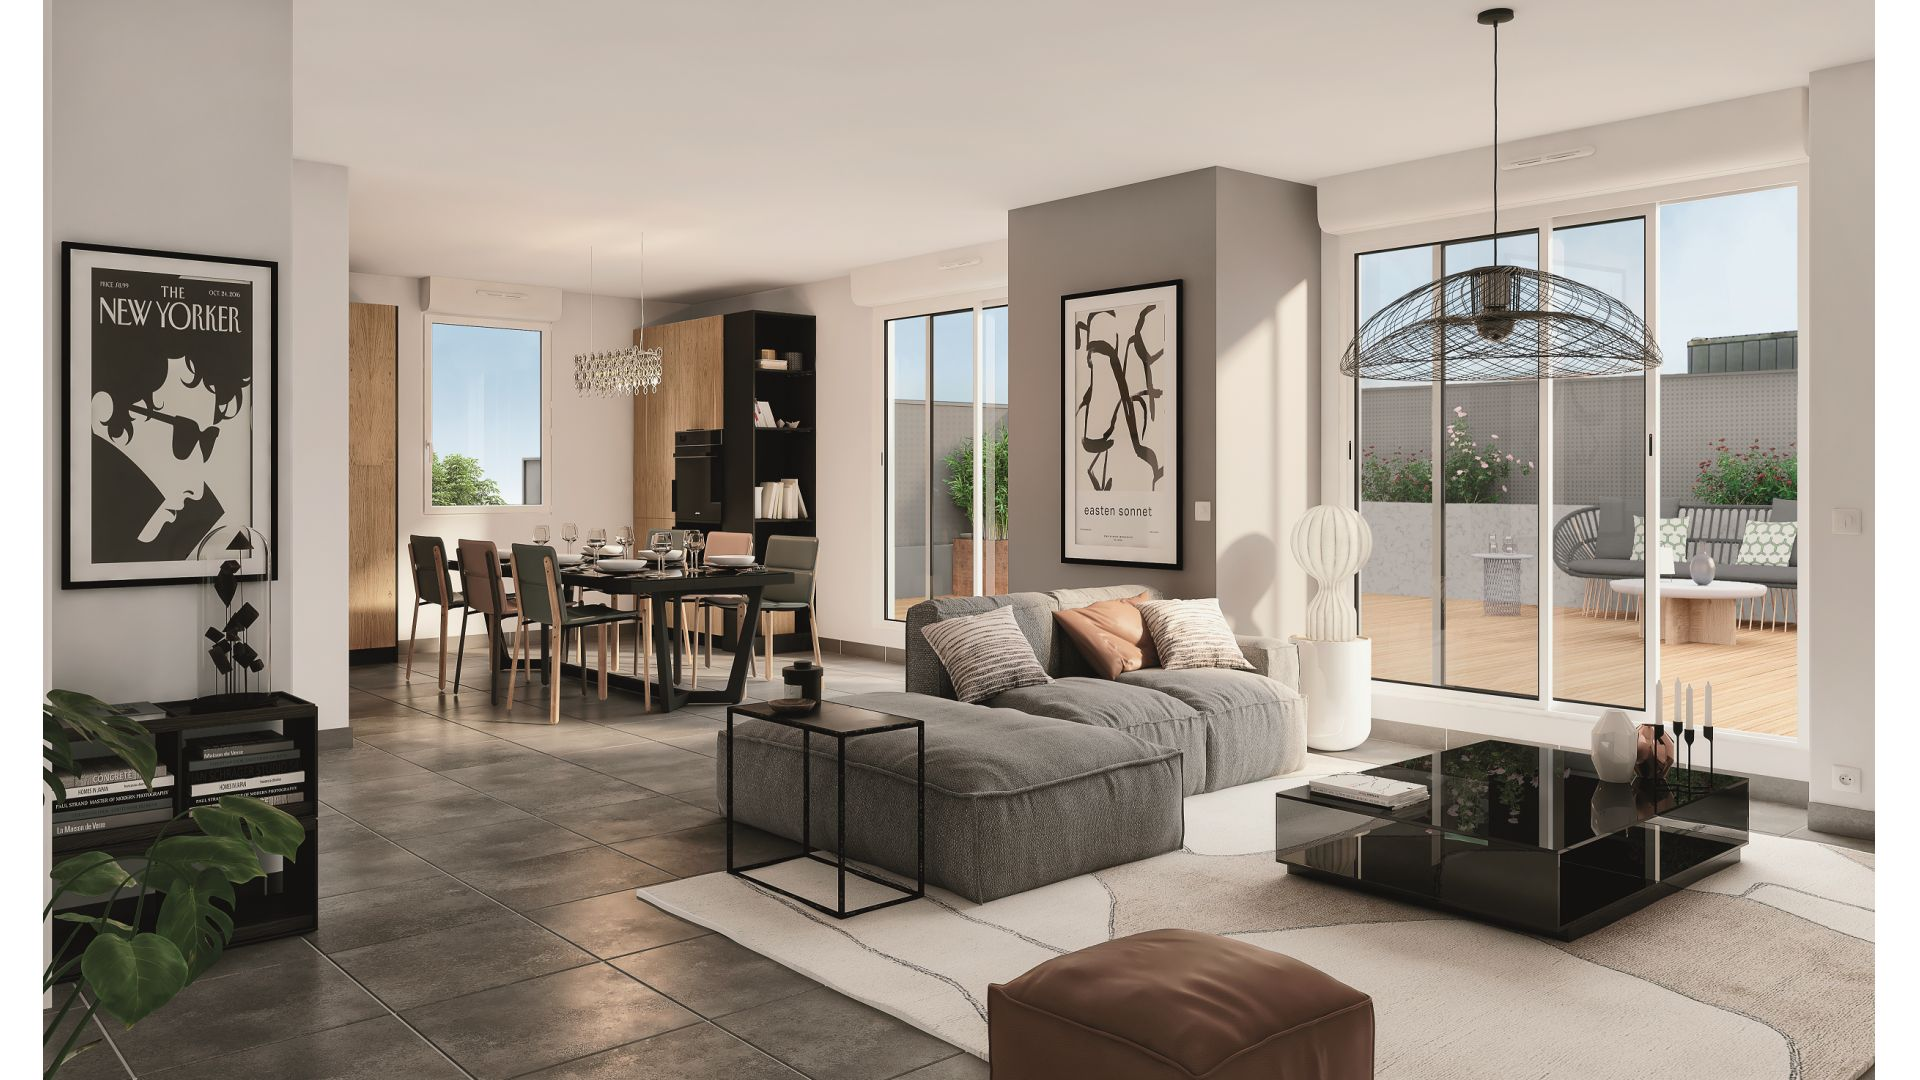 Greencity Immobilier - Résidence Les Camélias - Toulouse Croix Daurade 31200 - à vendre appartements - immobilier neuf du T2 au T4 Duplex - vue intérieure